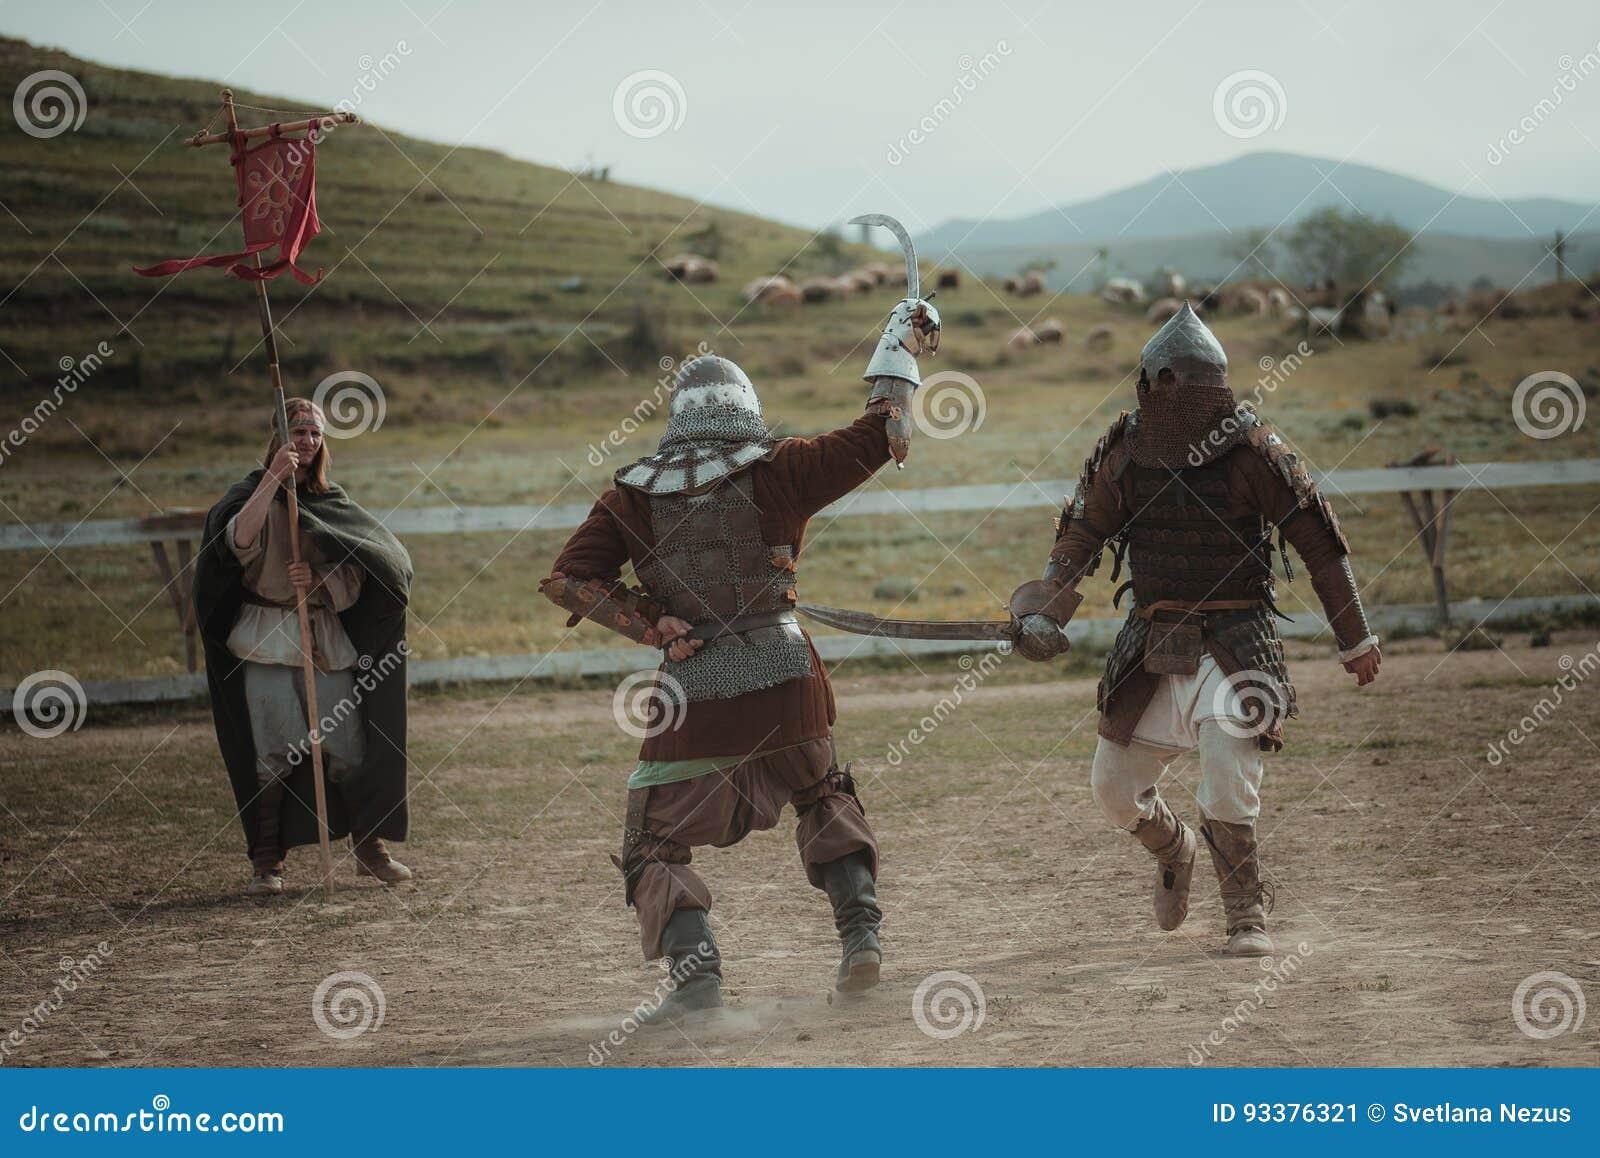 Μεσαιωνικοί ιππότες κονταροχτυπήματος στα κράνη και μάχη ταχυδρομείου αλυσίδων στο ξίφος